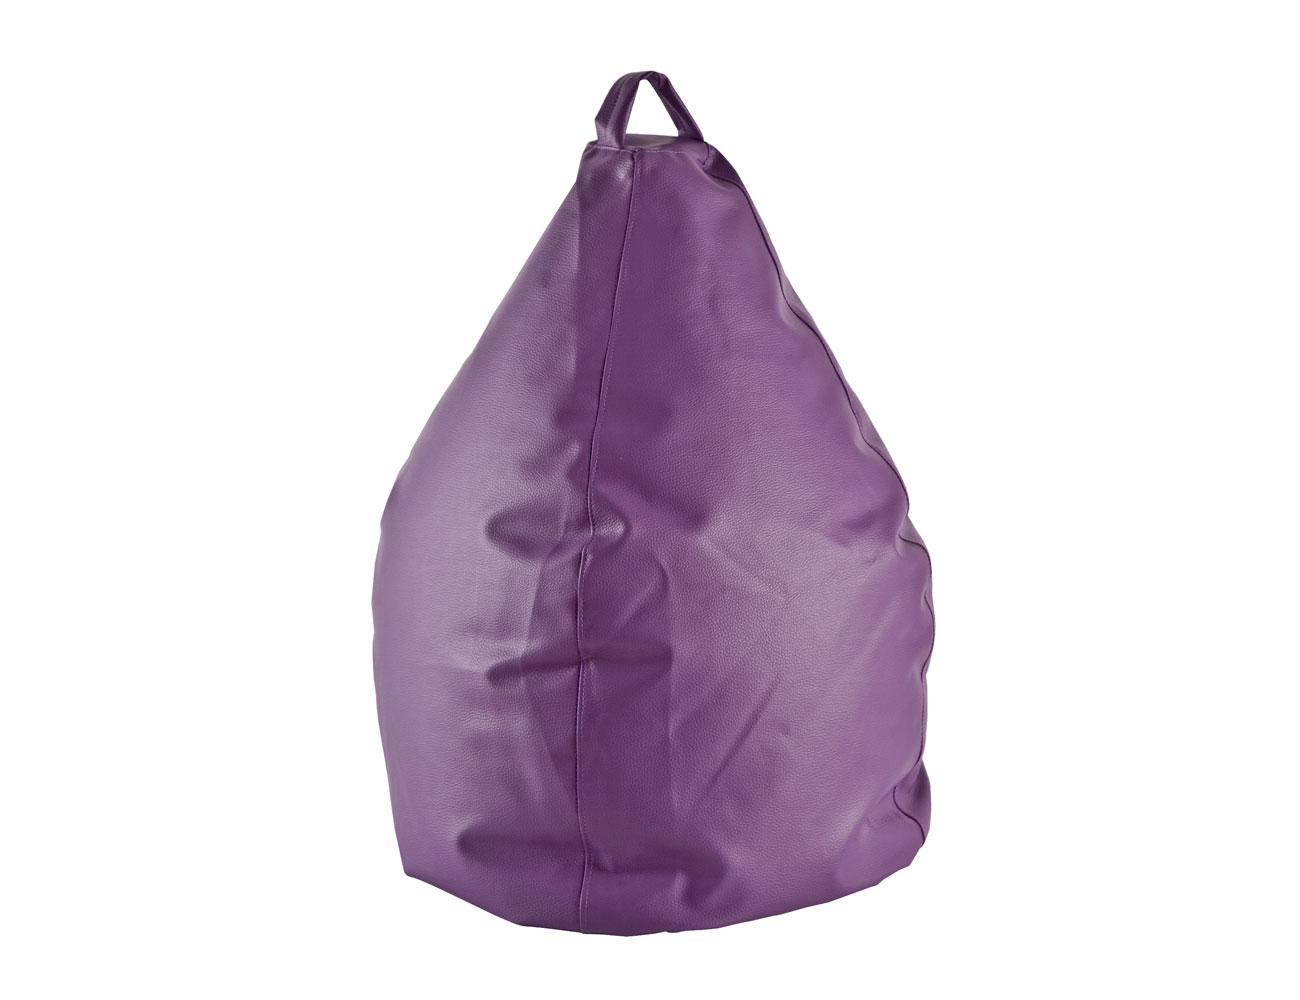 2 sac amoldable morado1